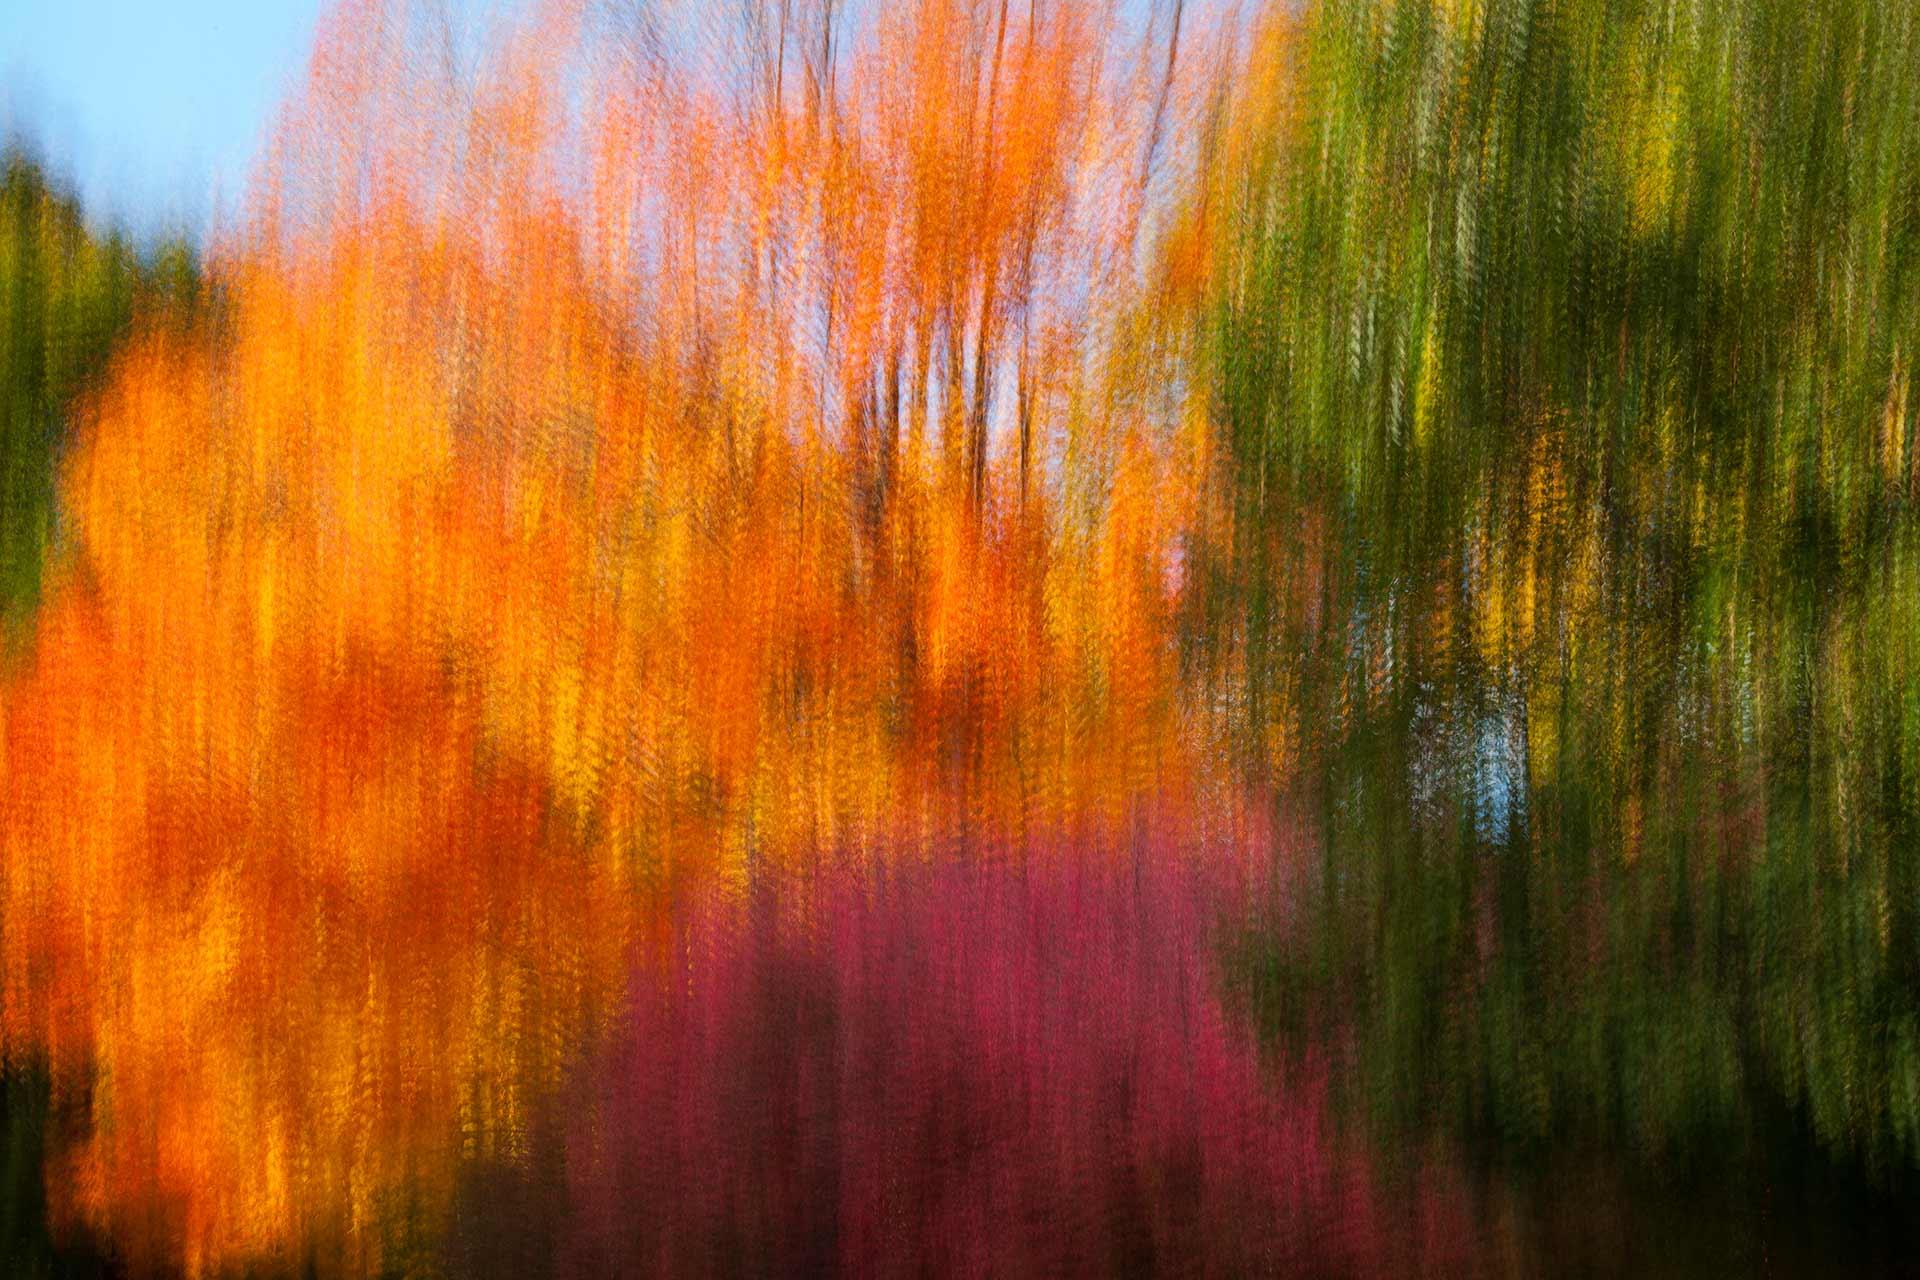 Raining Autumn